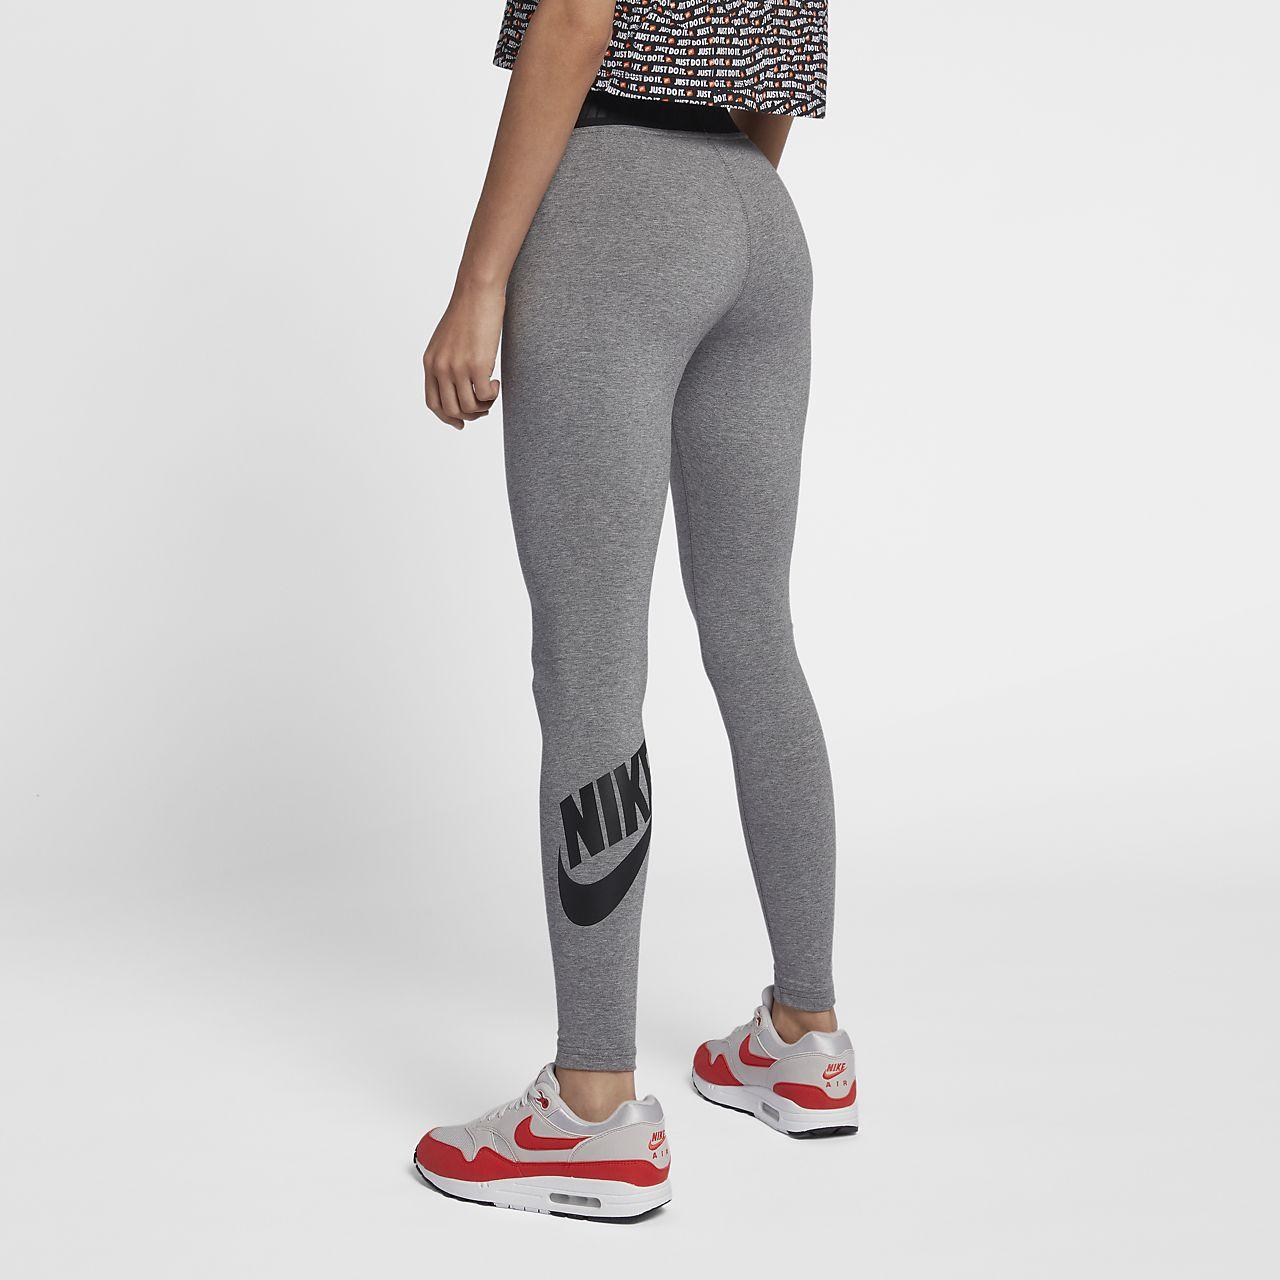 revisa descuento de venta caliente unos dias Leggings de tiro alto para mujer Nike Sportswear Leg-A-See